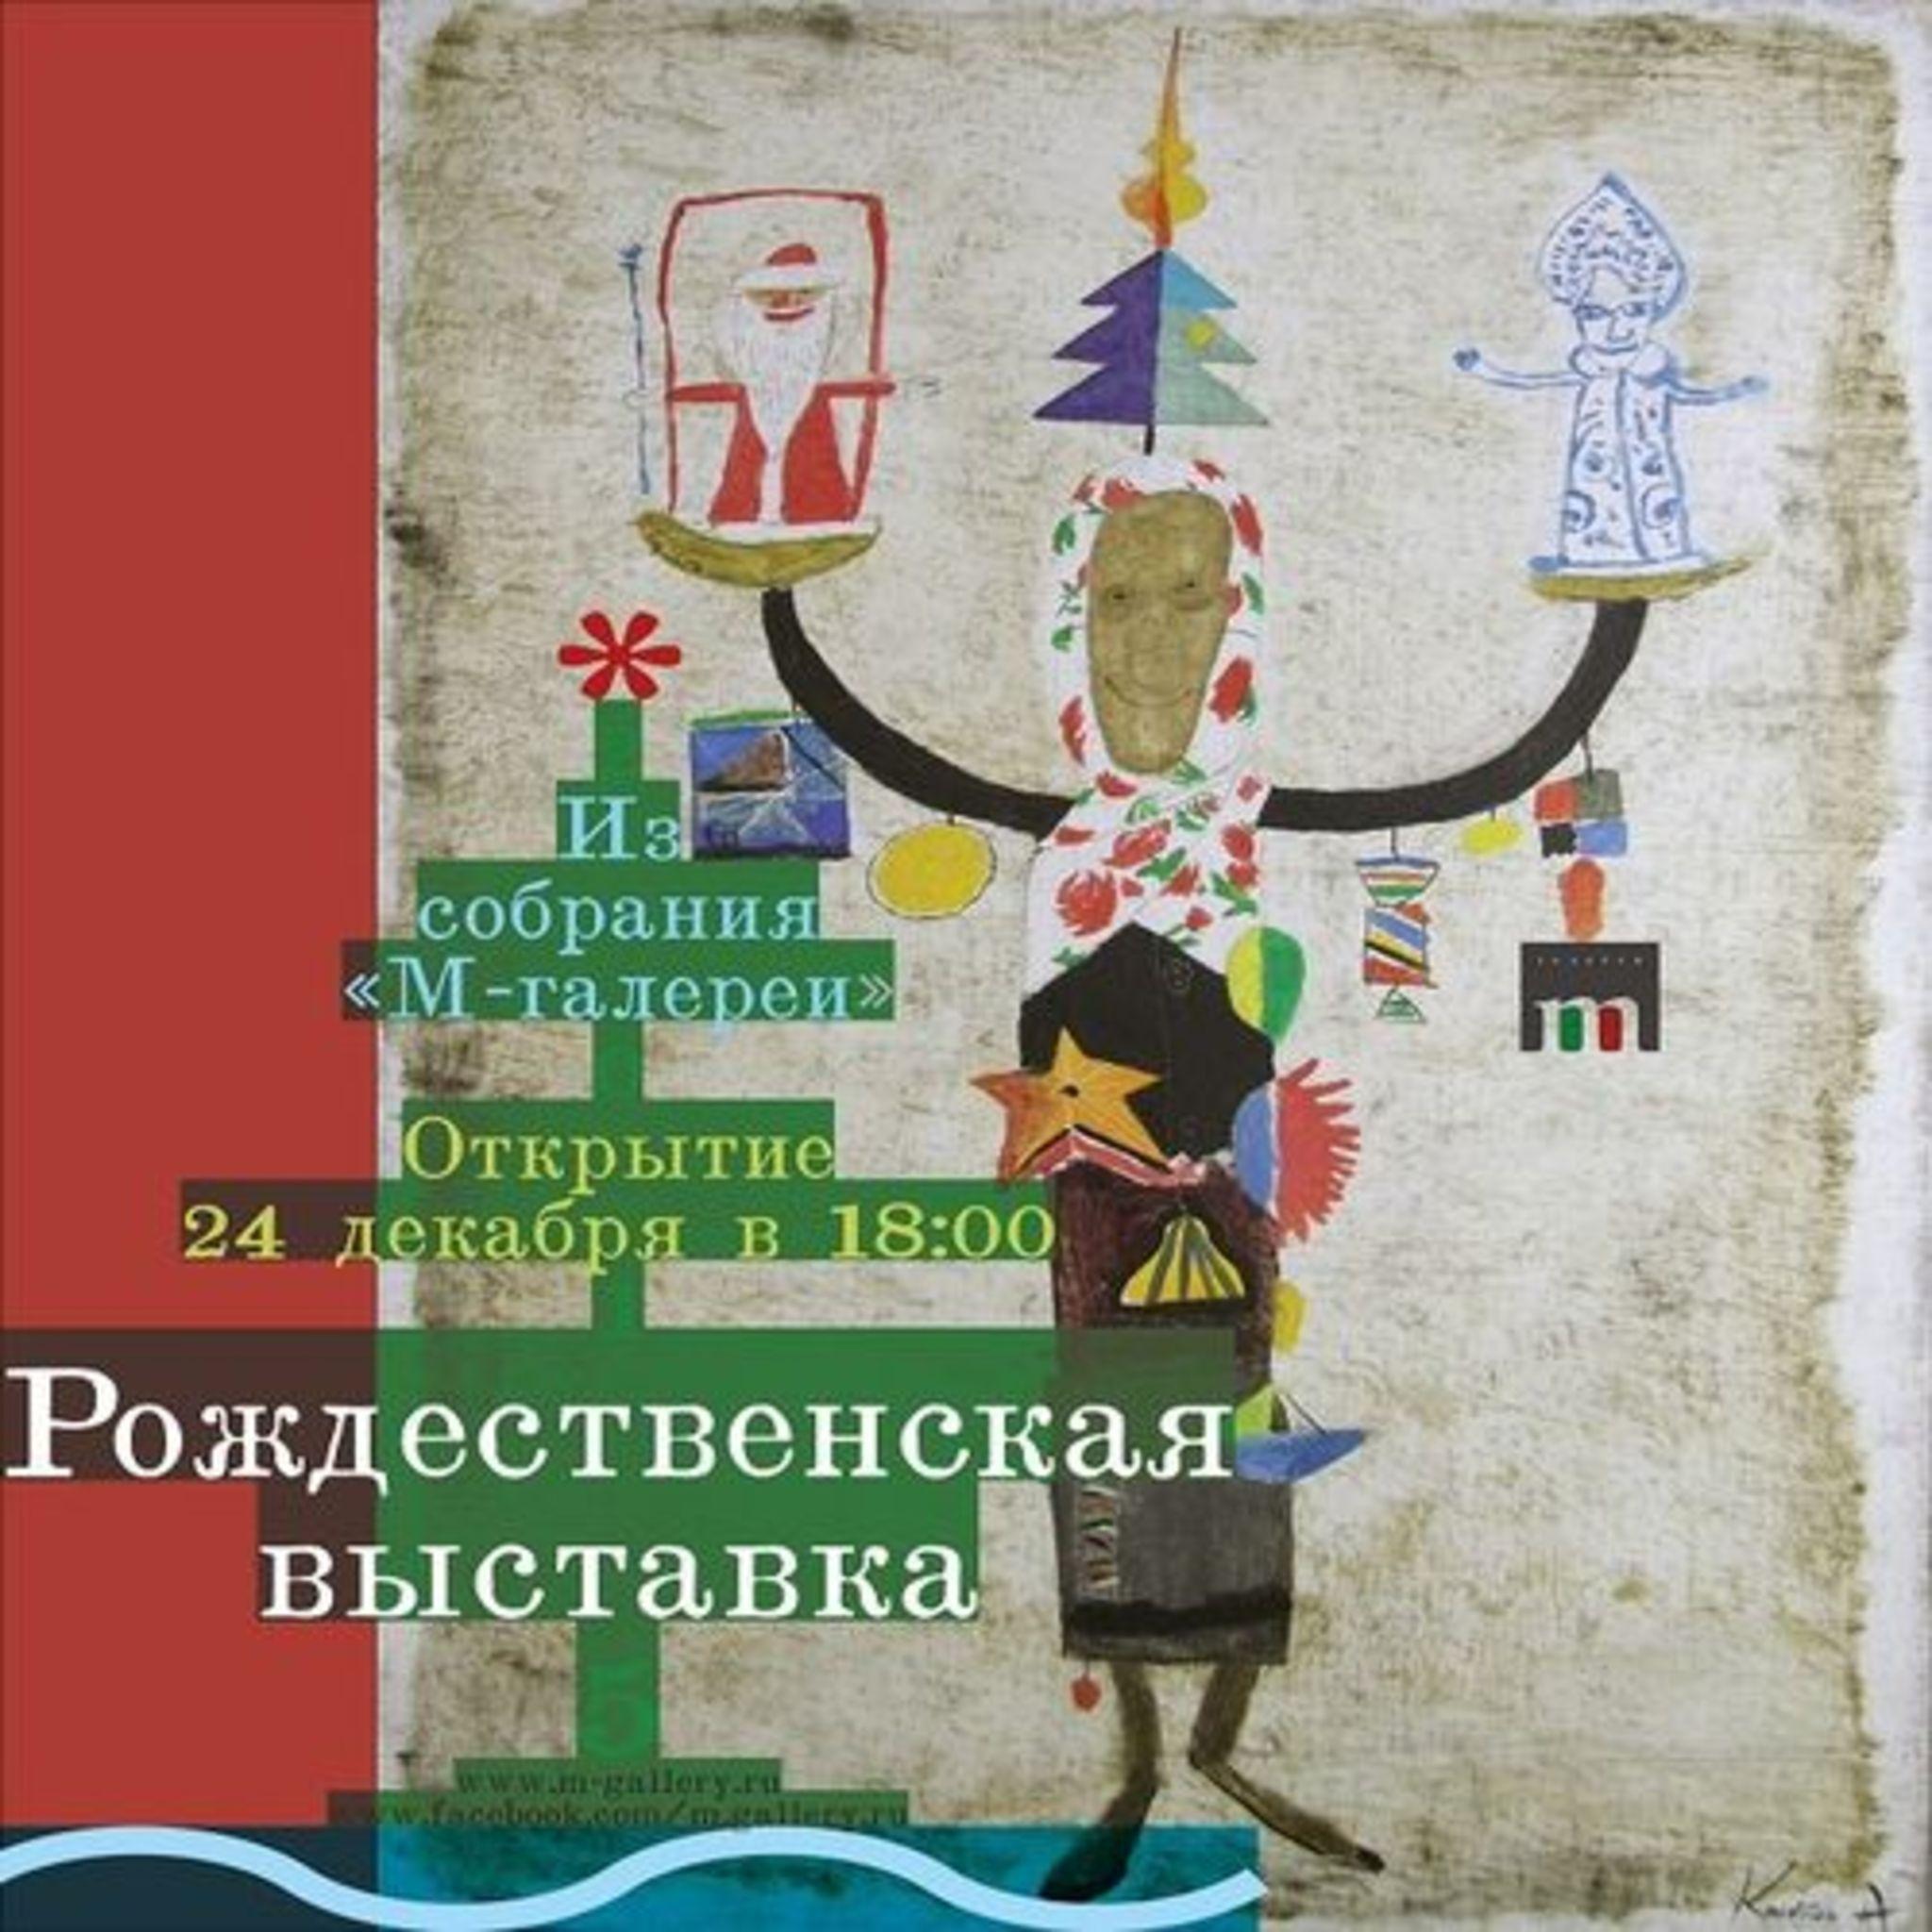 Рождественская выставка из коллекции М-галереи